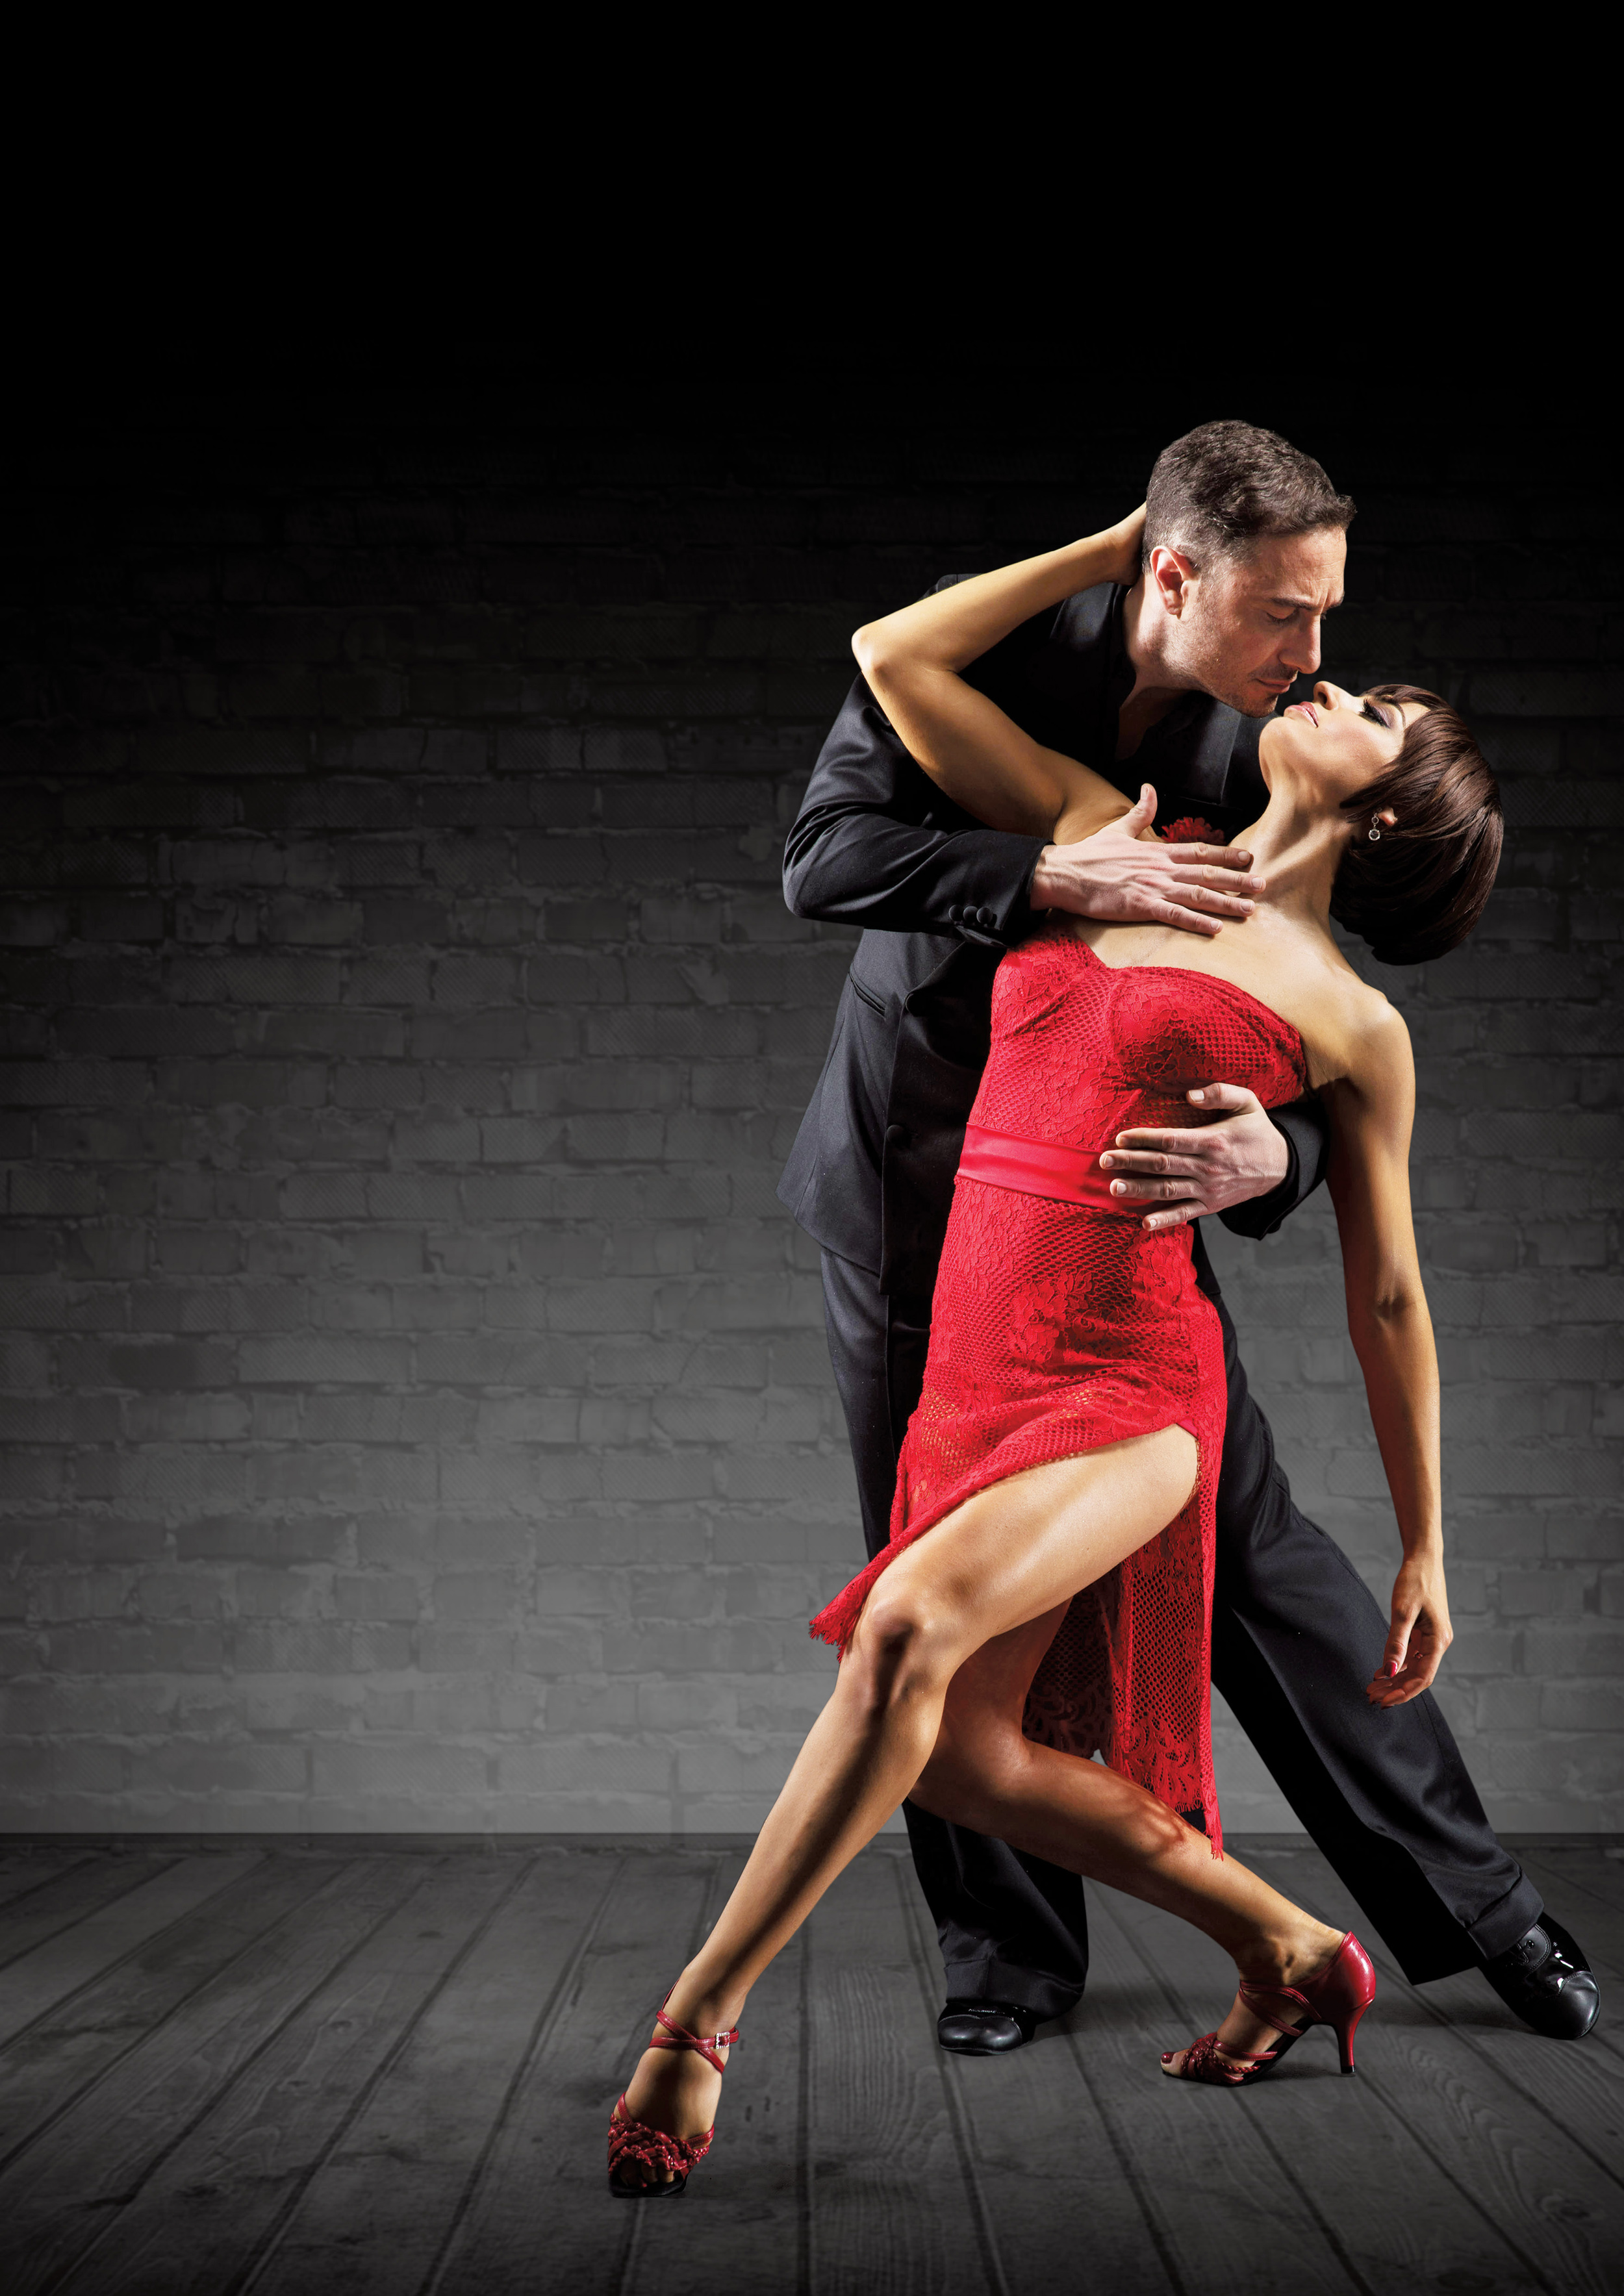 фотосессия в стиле танго пришел